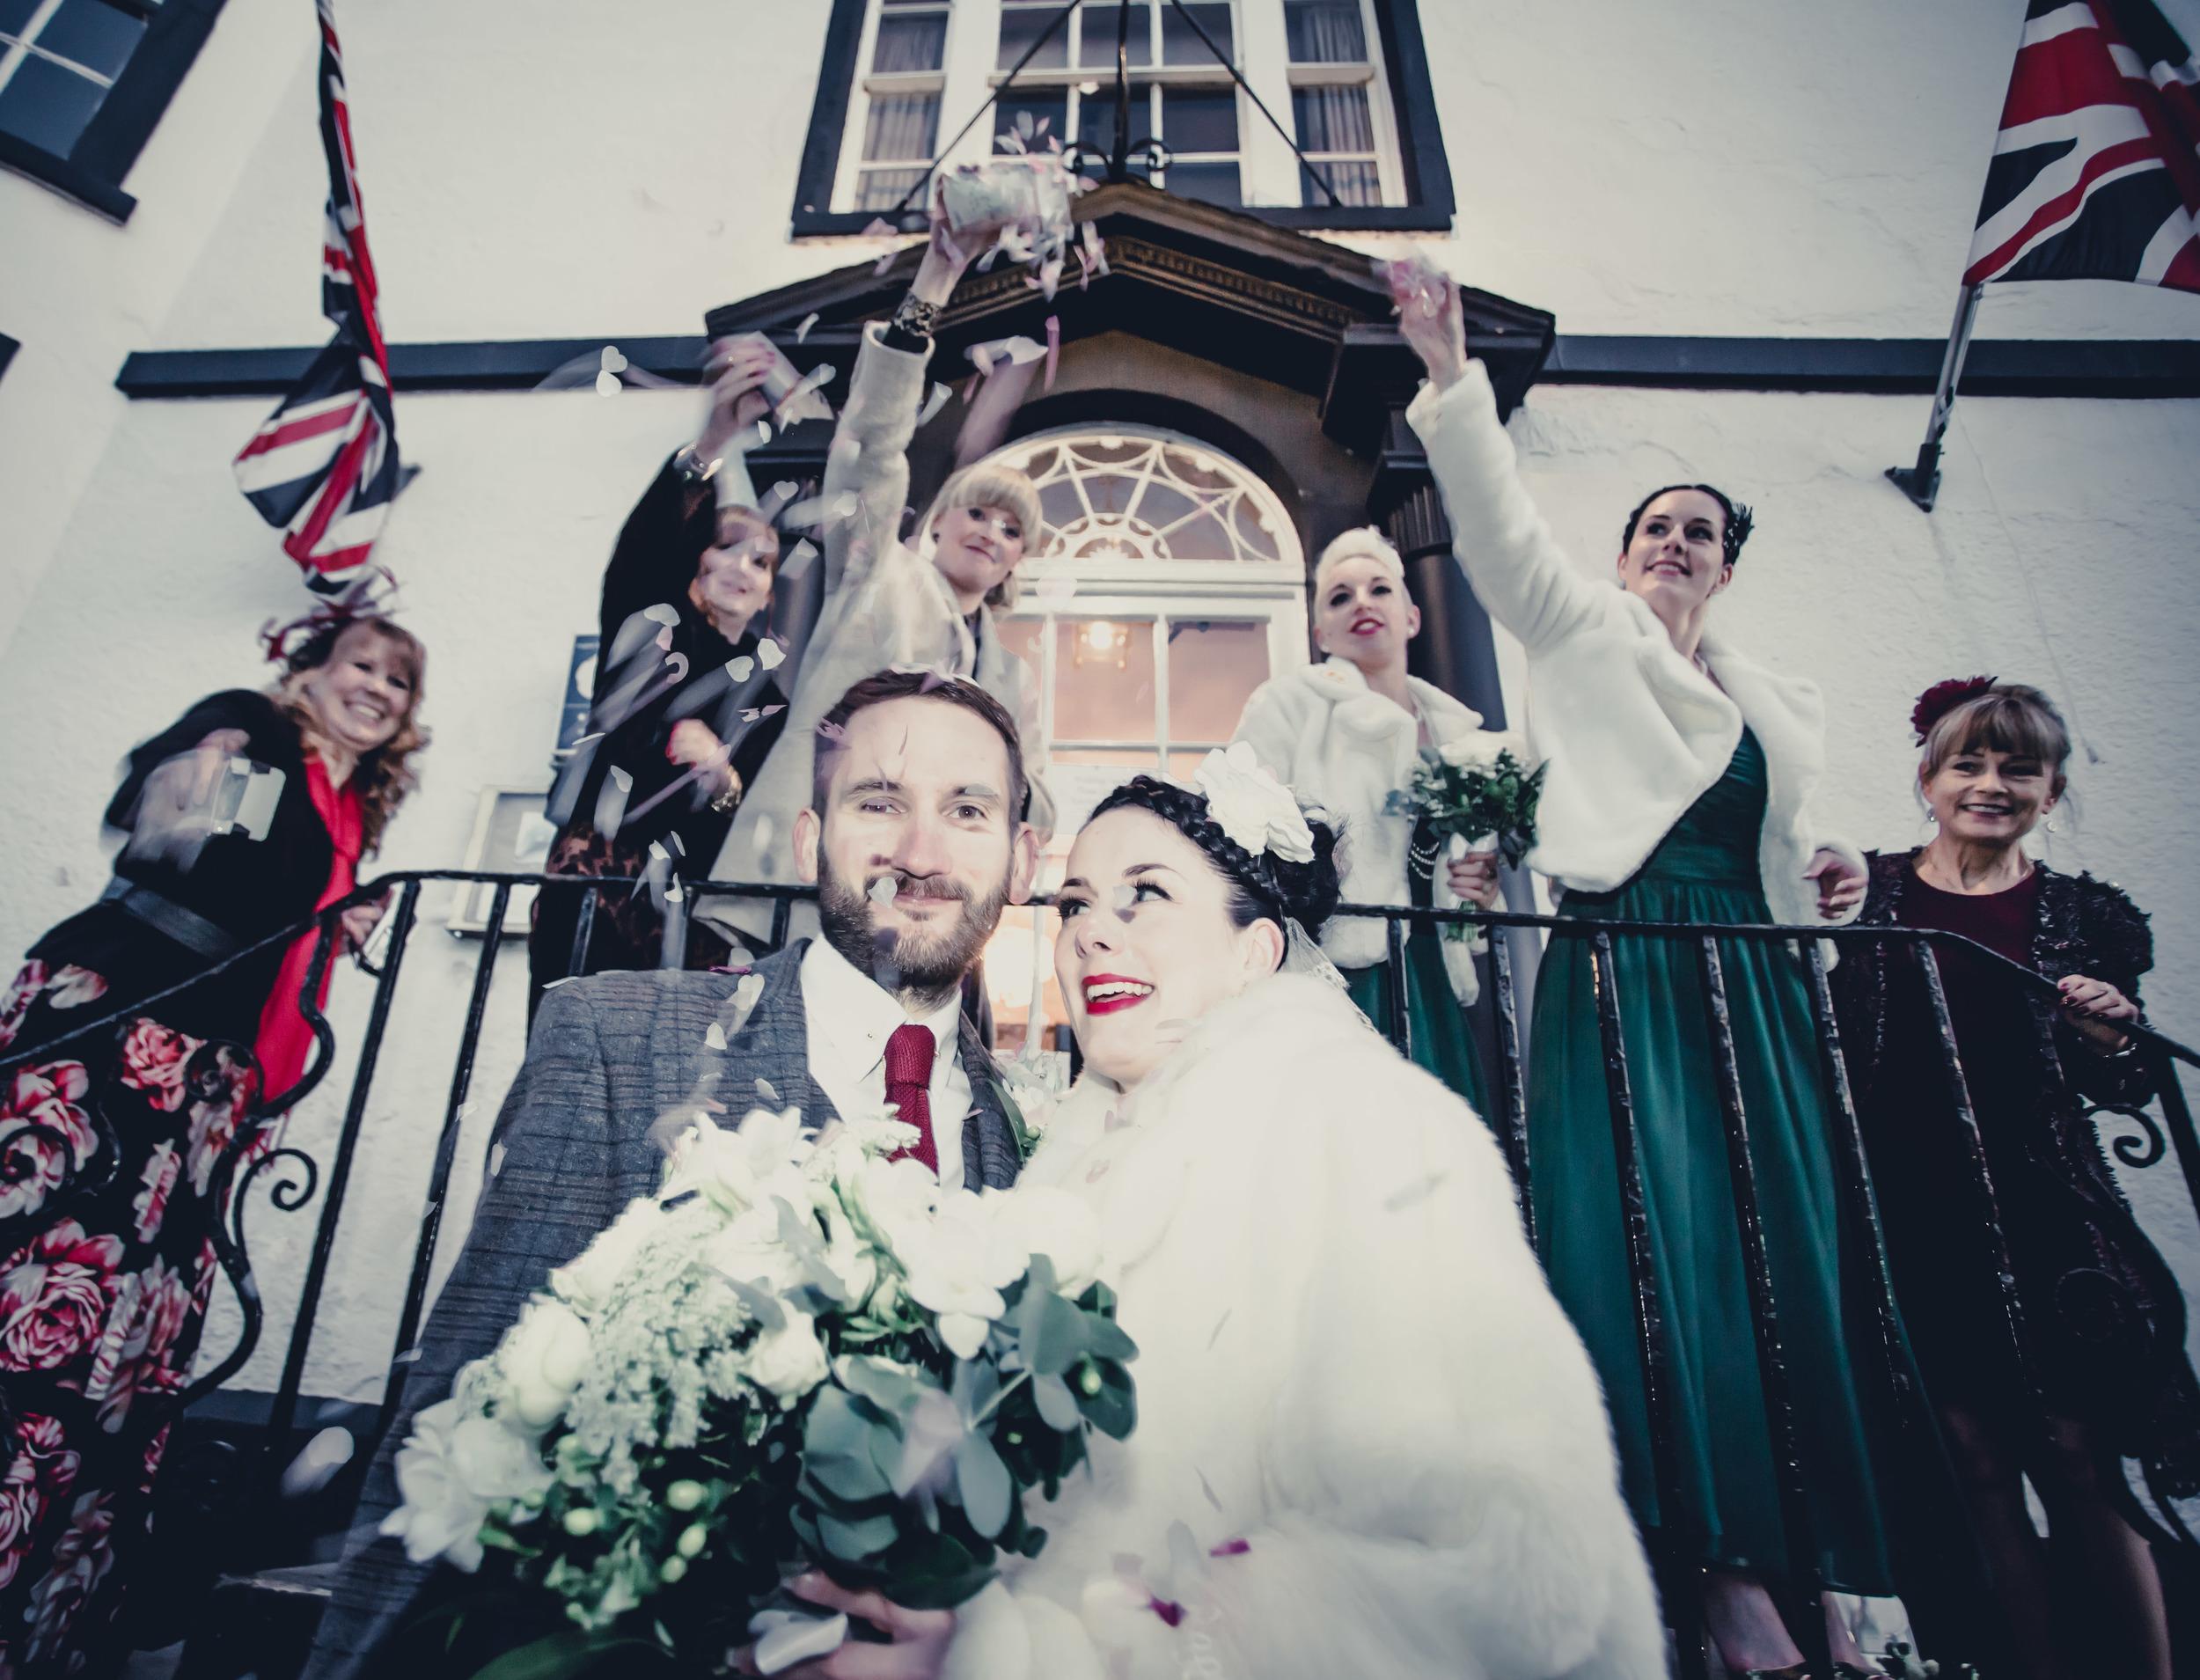 148 - Angela and Karls Wedding by www.markpugh.com -6951.jpg